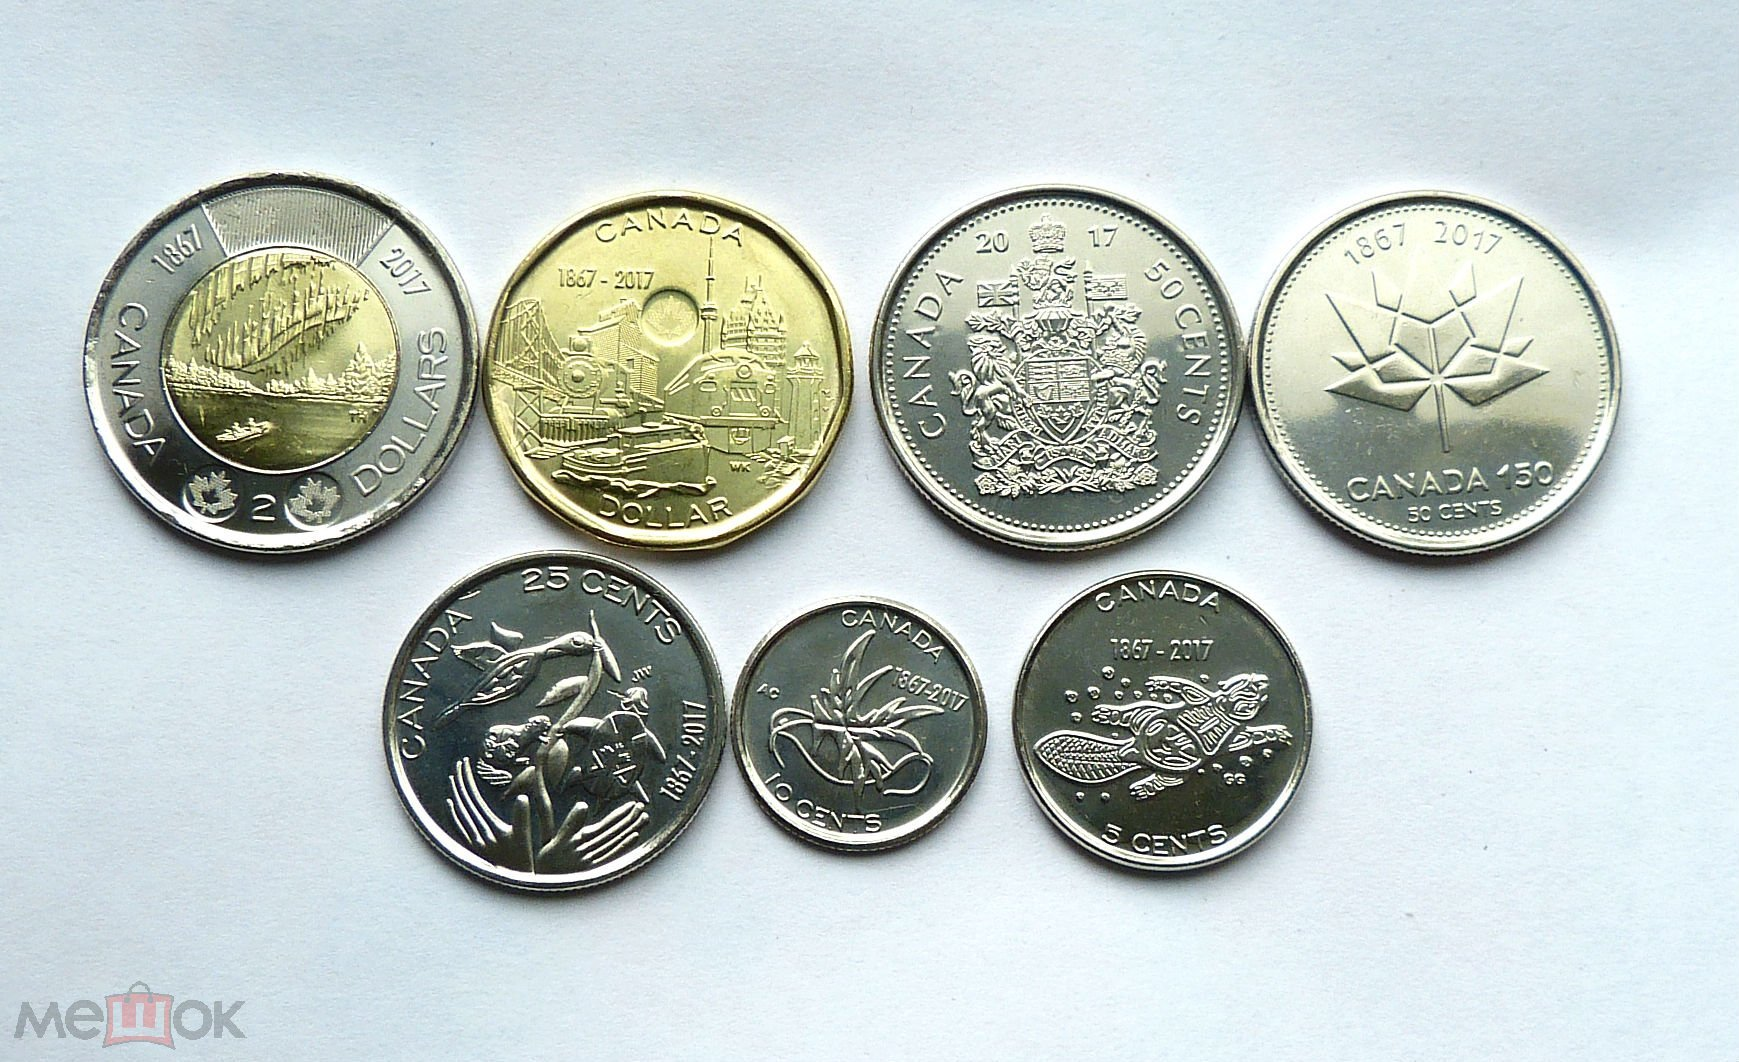 Канада 150 лет конфедерации 2017 набор монет цена 3 копейки 1961 года